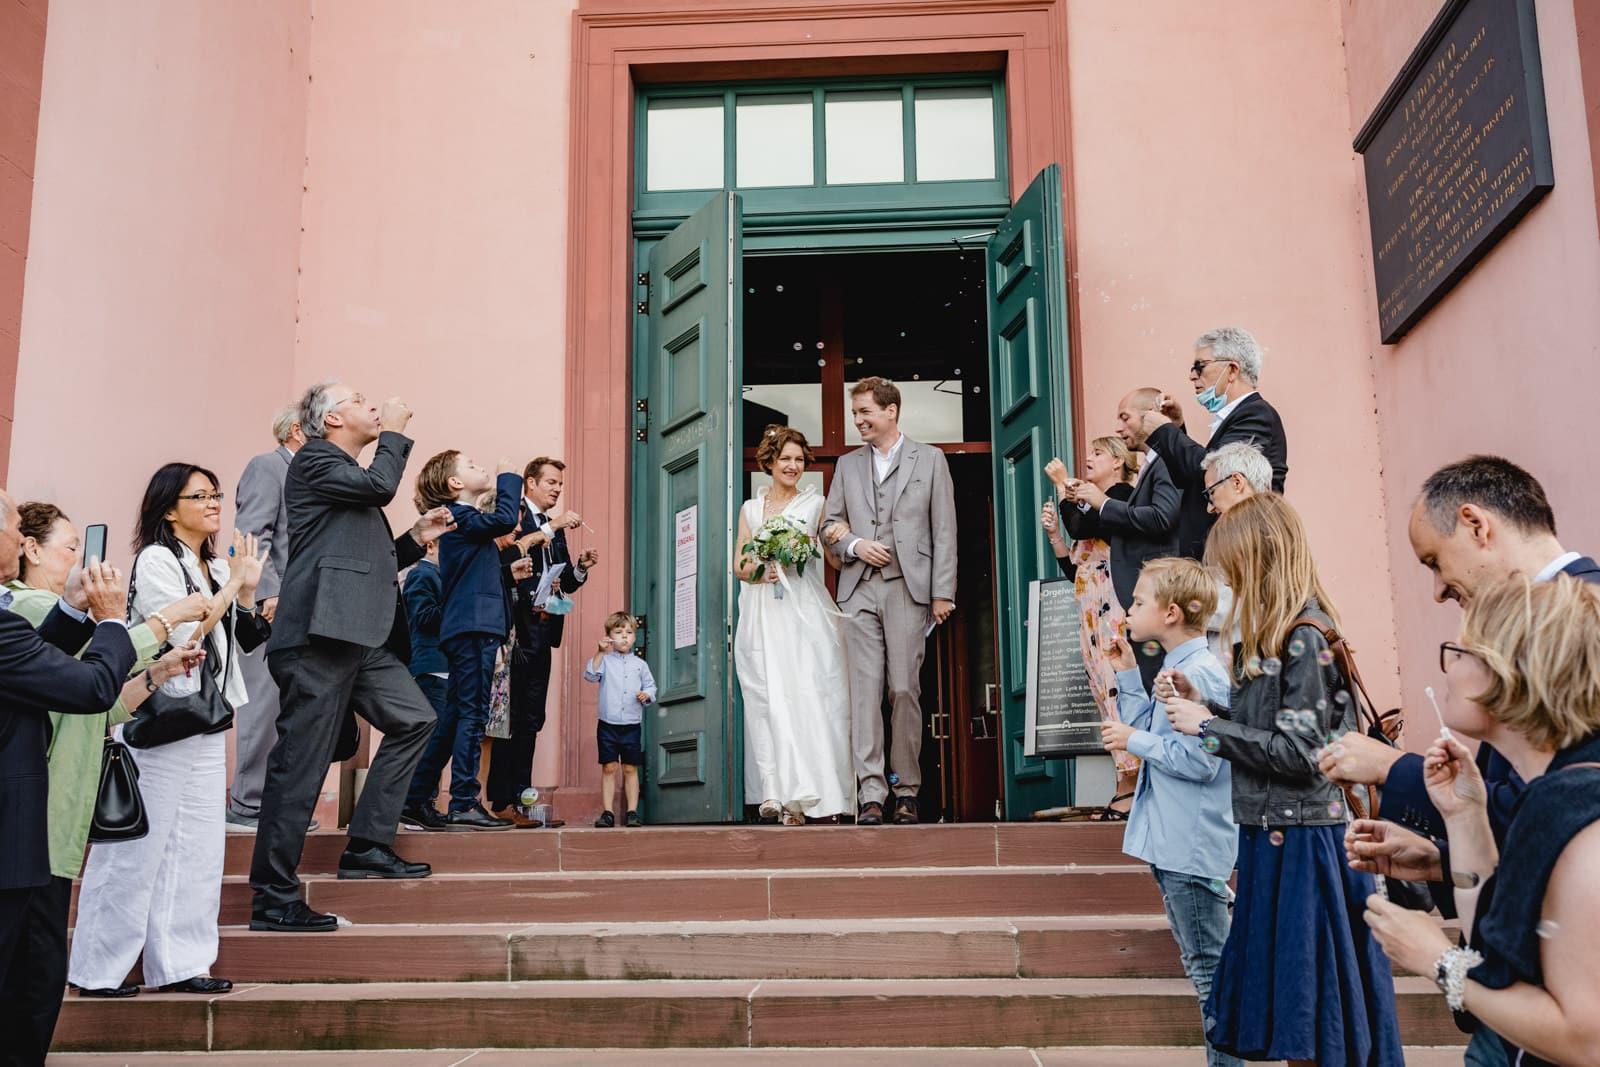 Brautpaar kommt aus der St. Ludwig Kirche in Darmstadt und die Gäste blasen Seifenblasen.